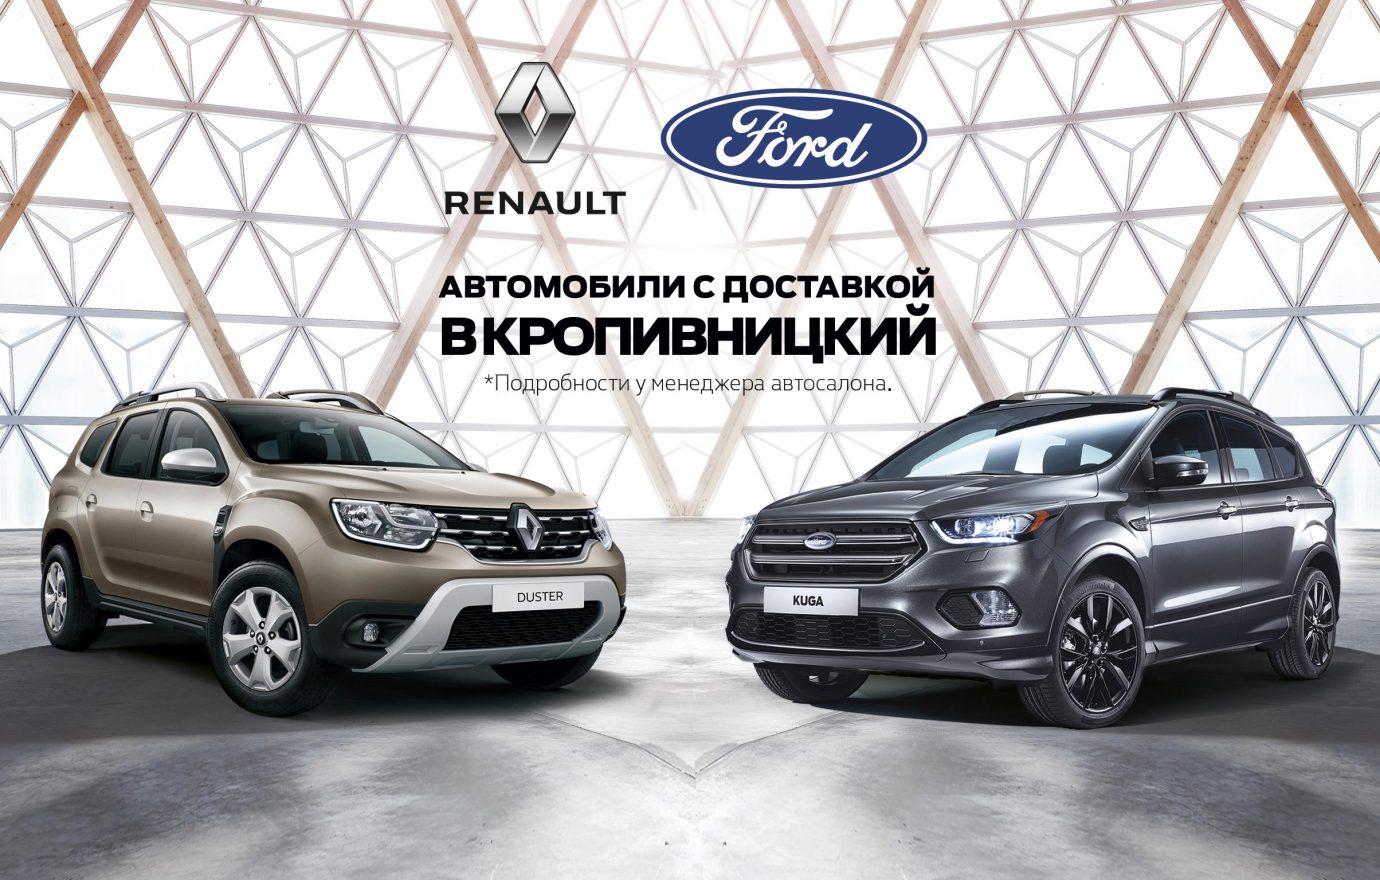 Без Купюр Автомобілі RENAULT і FORD: відтепер офіційне сервісне обслуговування у Кропивницькому Реклама  Кропивницький автосалон Renault Ford